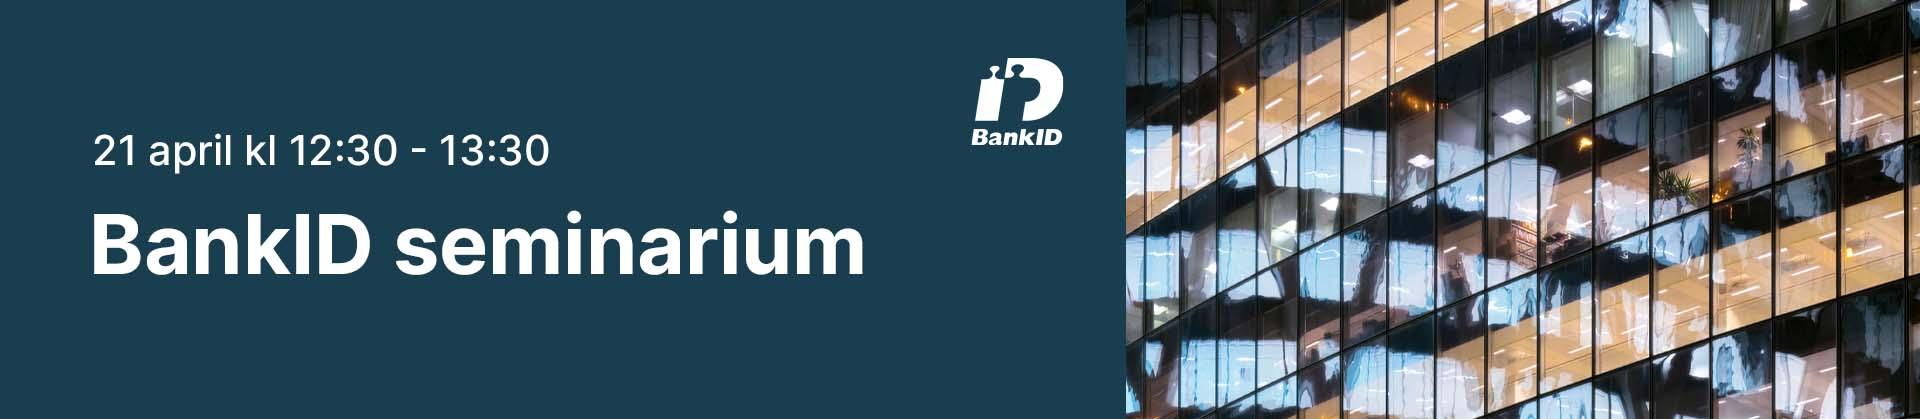 Huvudbild för BankID seminarium 21 april